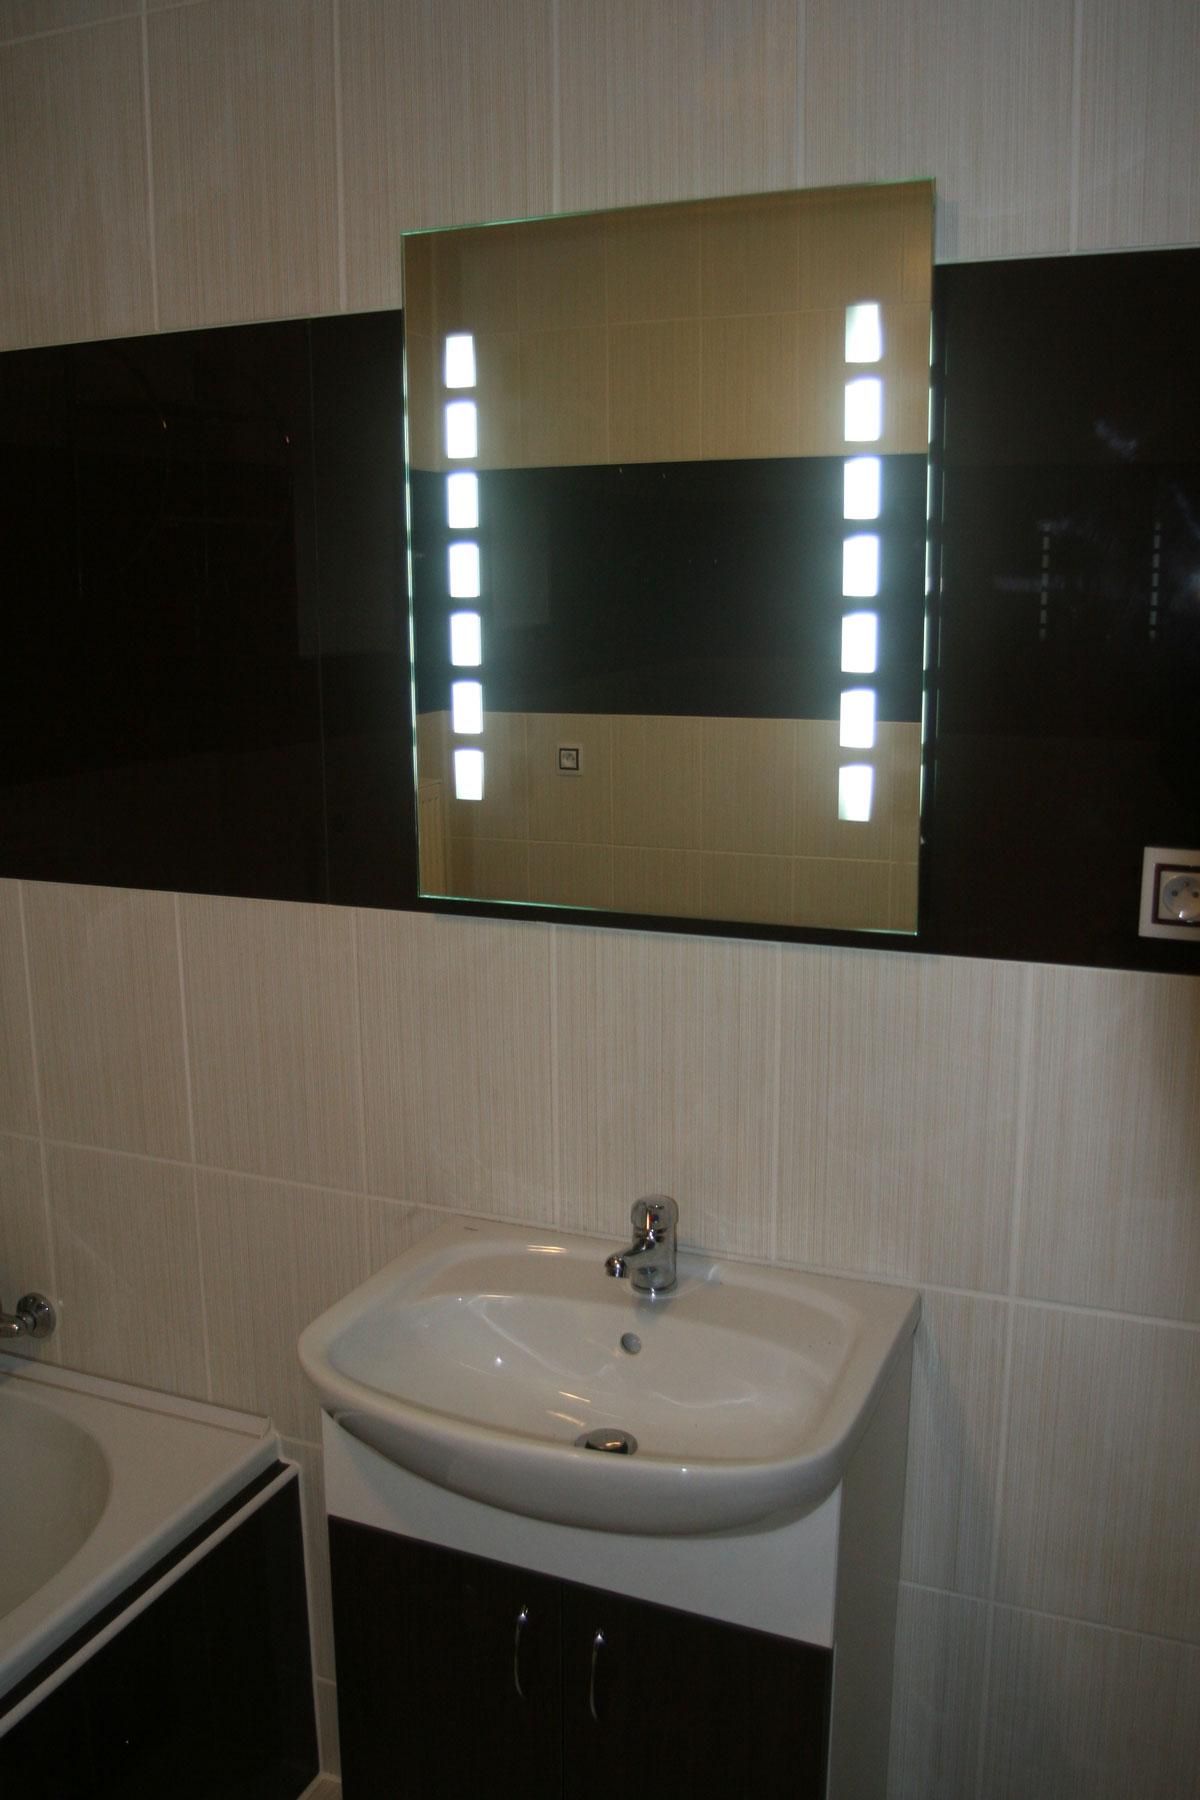 Sklenarstvi-Prerost-obklad-koupelny-zachodky (4)